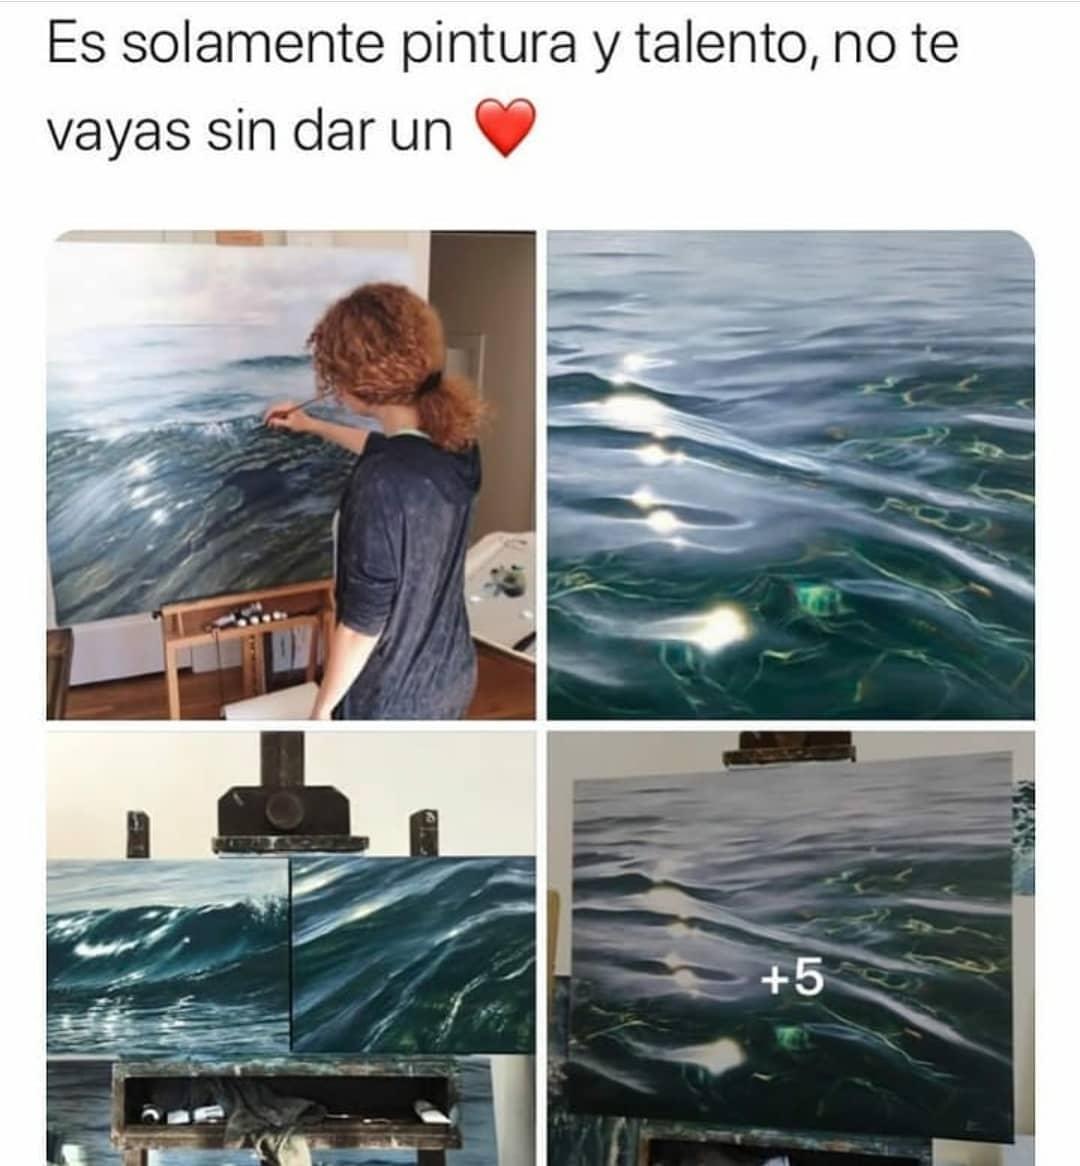 Es solamente pintura y talento, no te vayas sin dar un corazón.